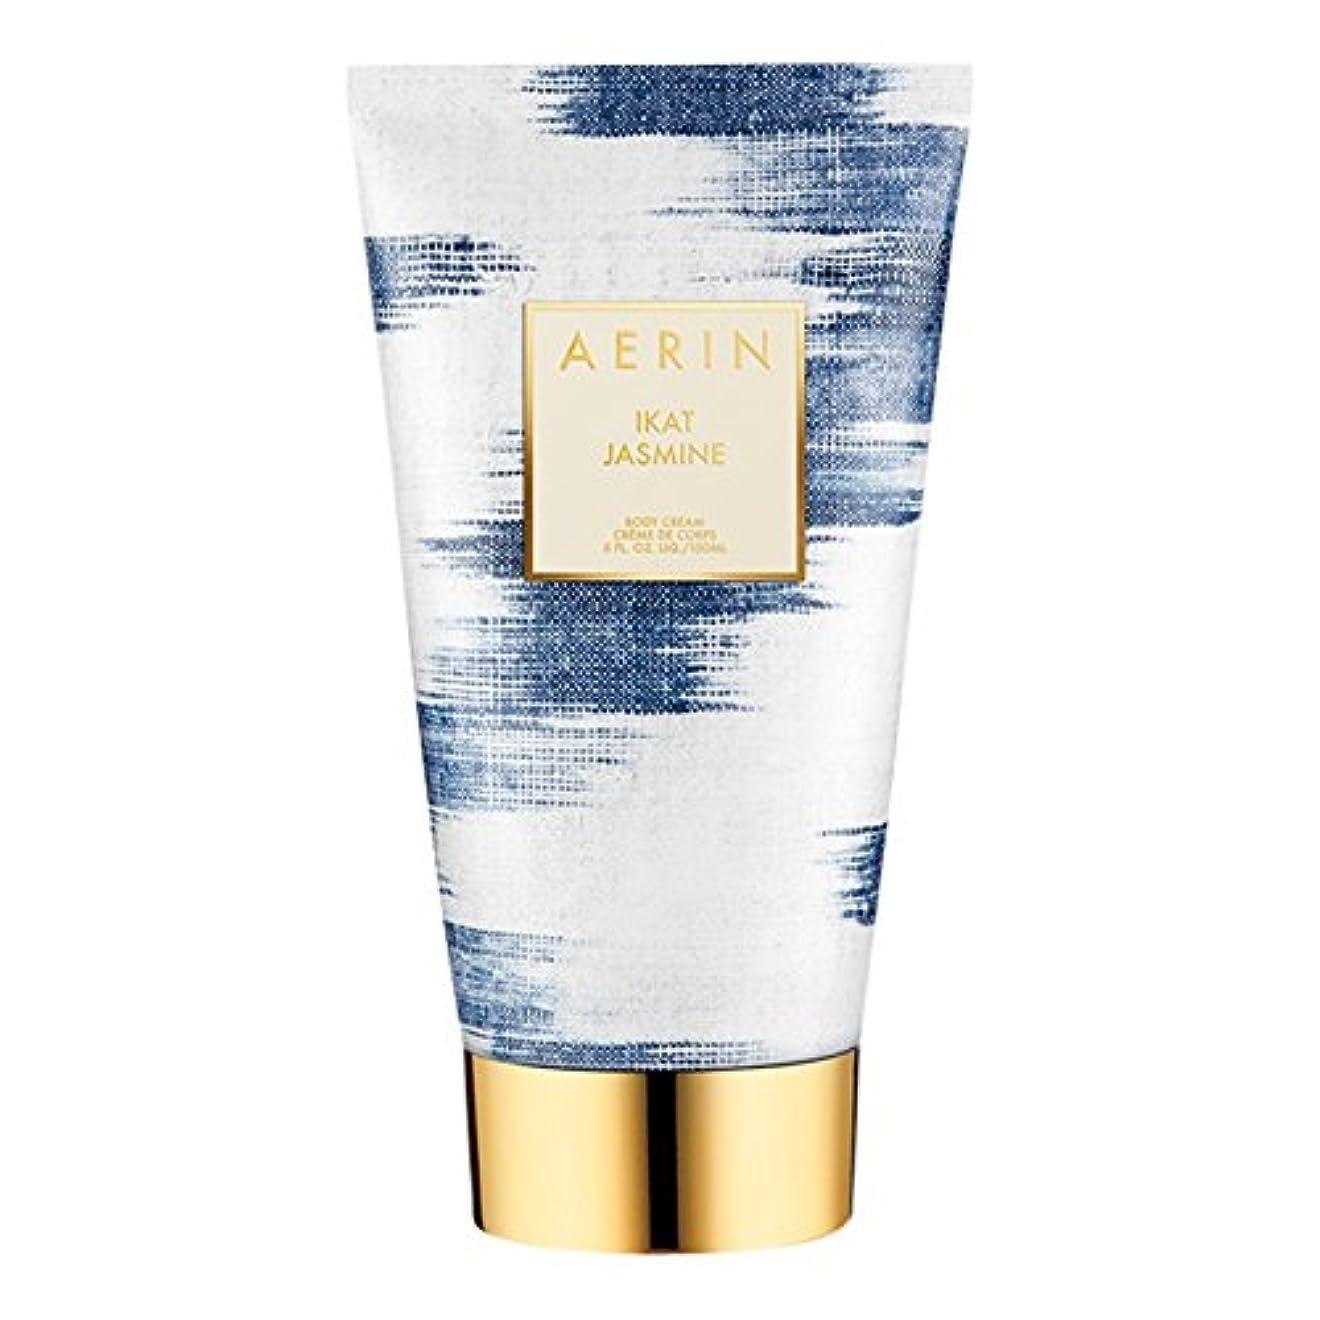 切り下げギャロップミルクAerinイカットジャスミンボディクリーム150ミリリットル (AERIN) (x6) - AERIN Ikat Jasmine Body Cream 150ml (Pack of 6) [並行輸入品]